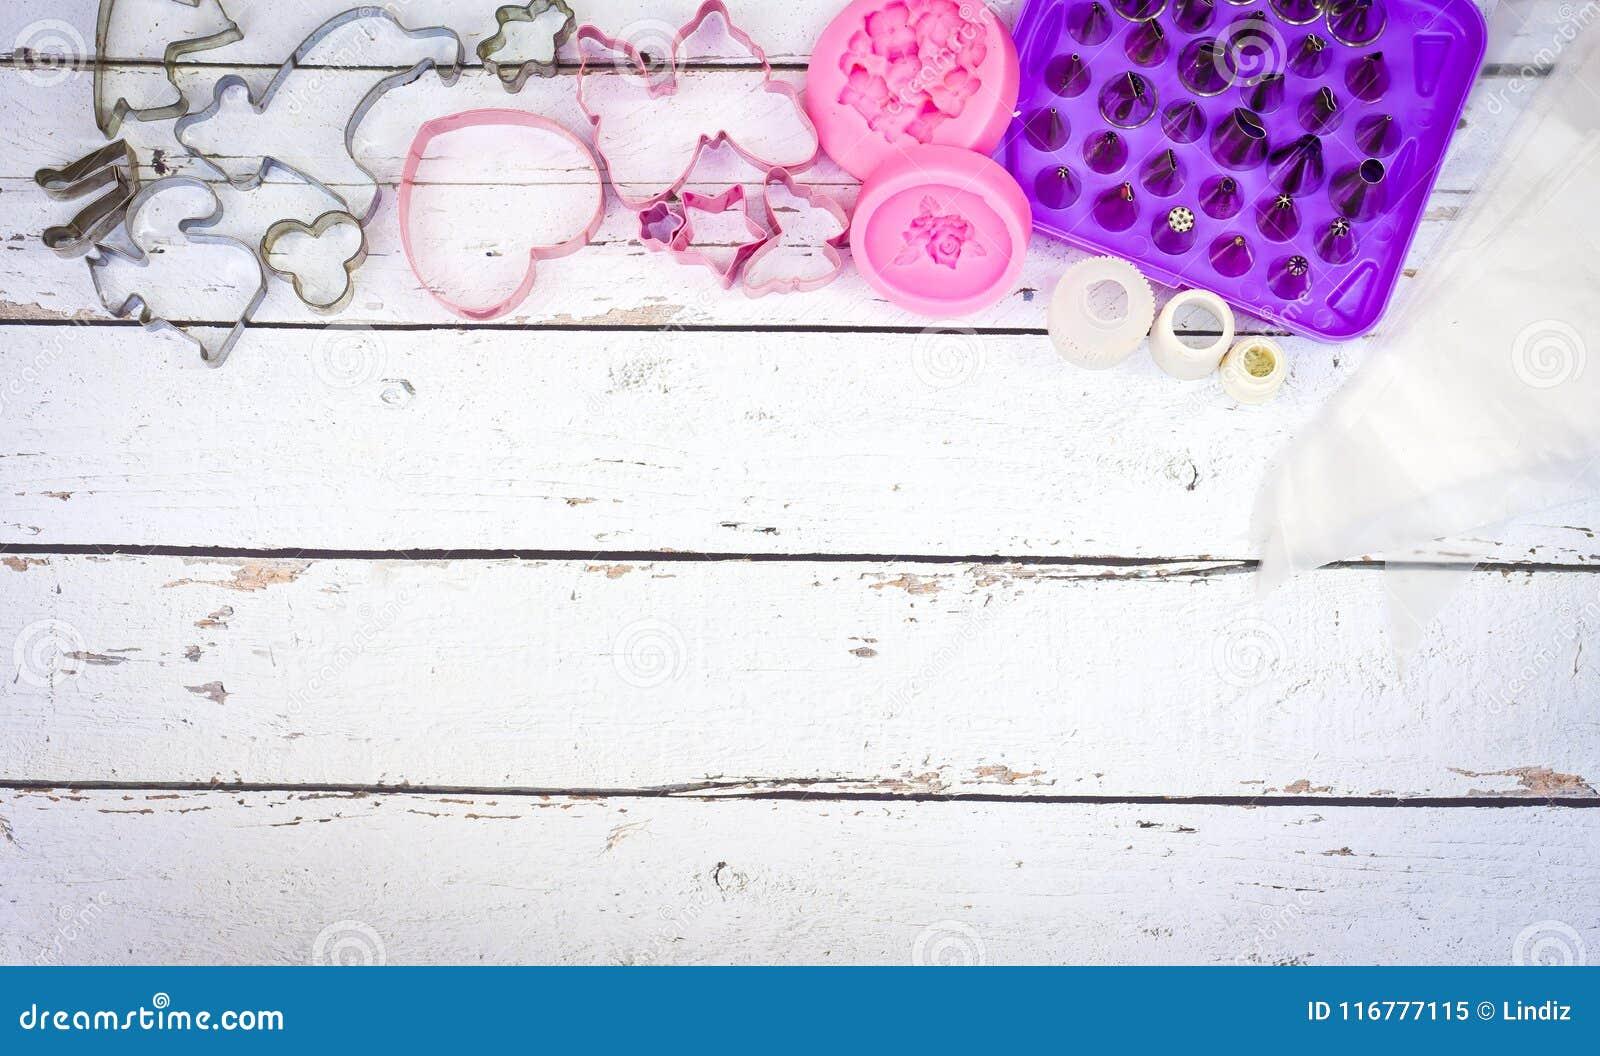 Cueza las herramientas para el molde de la galleta y de la torta para el mollete y la magdalena en el fondo de madera blanco